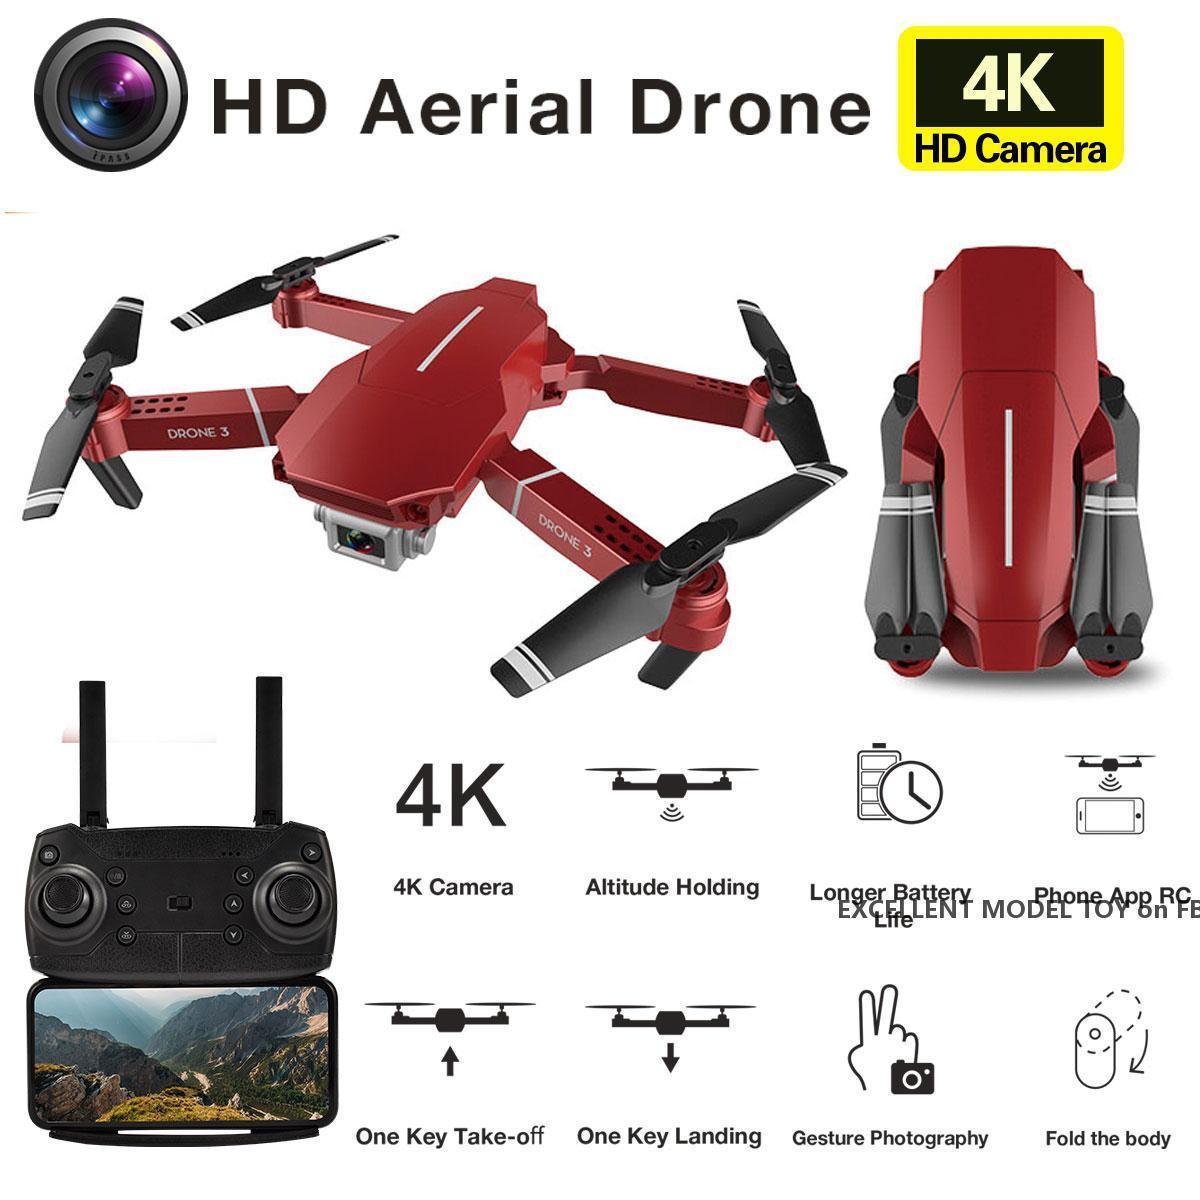 E98 4K-Kamera-FPV-Mini-Drohne-Kid-Spielzeug, E68-Upgrade-Version, Höhenhold, Track-Flug, einstellbare Geschwindigkeit, 360 ° -Flip, Weihnachtsgeschenk, 3-2